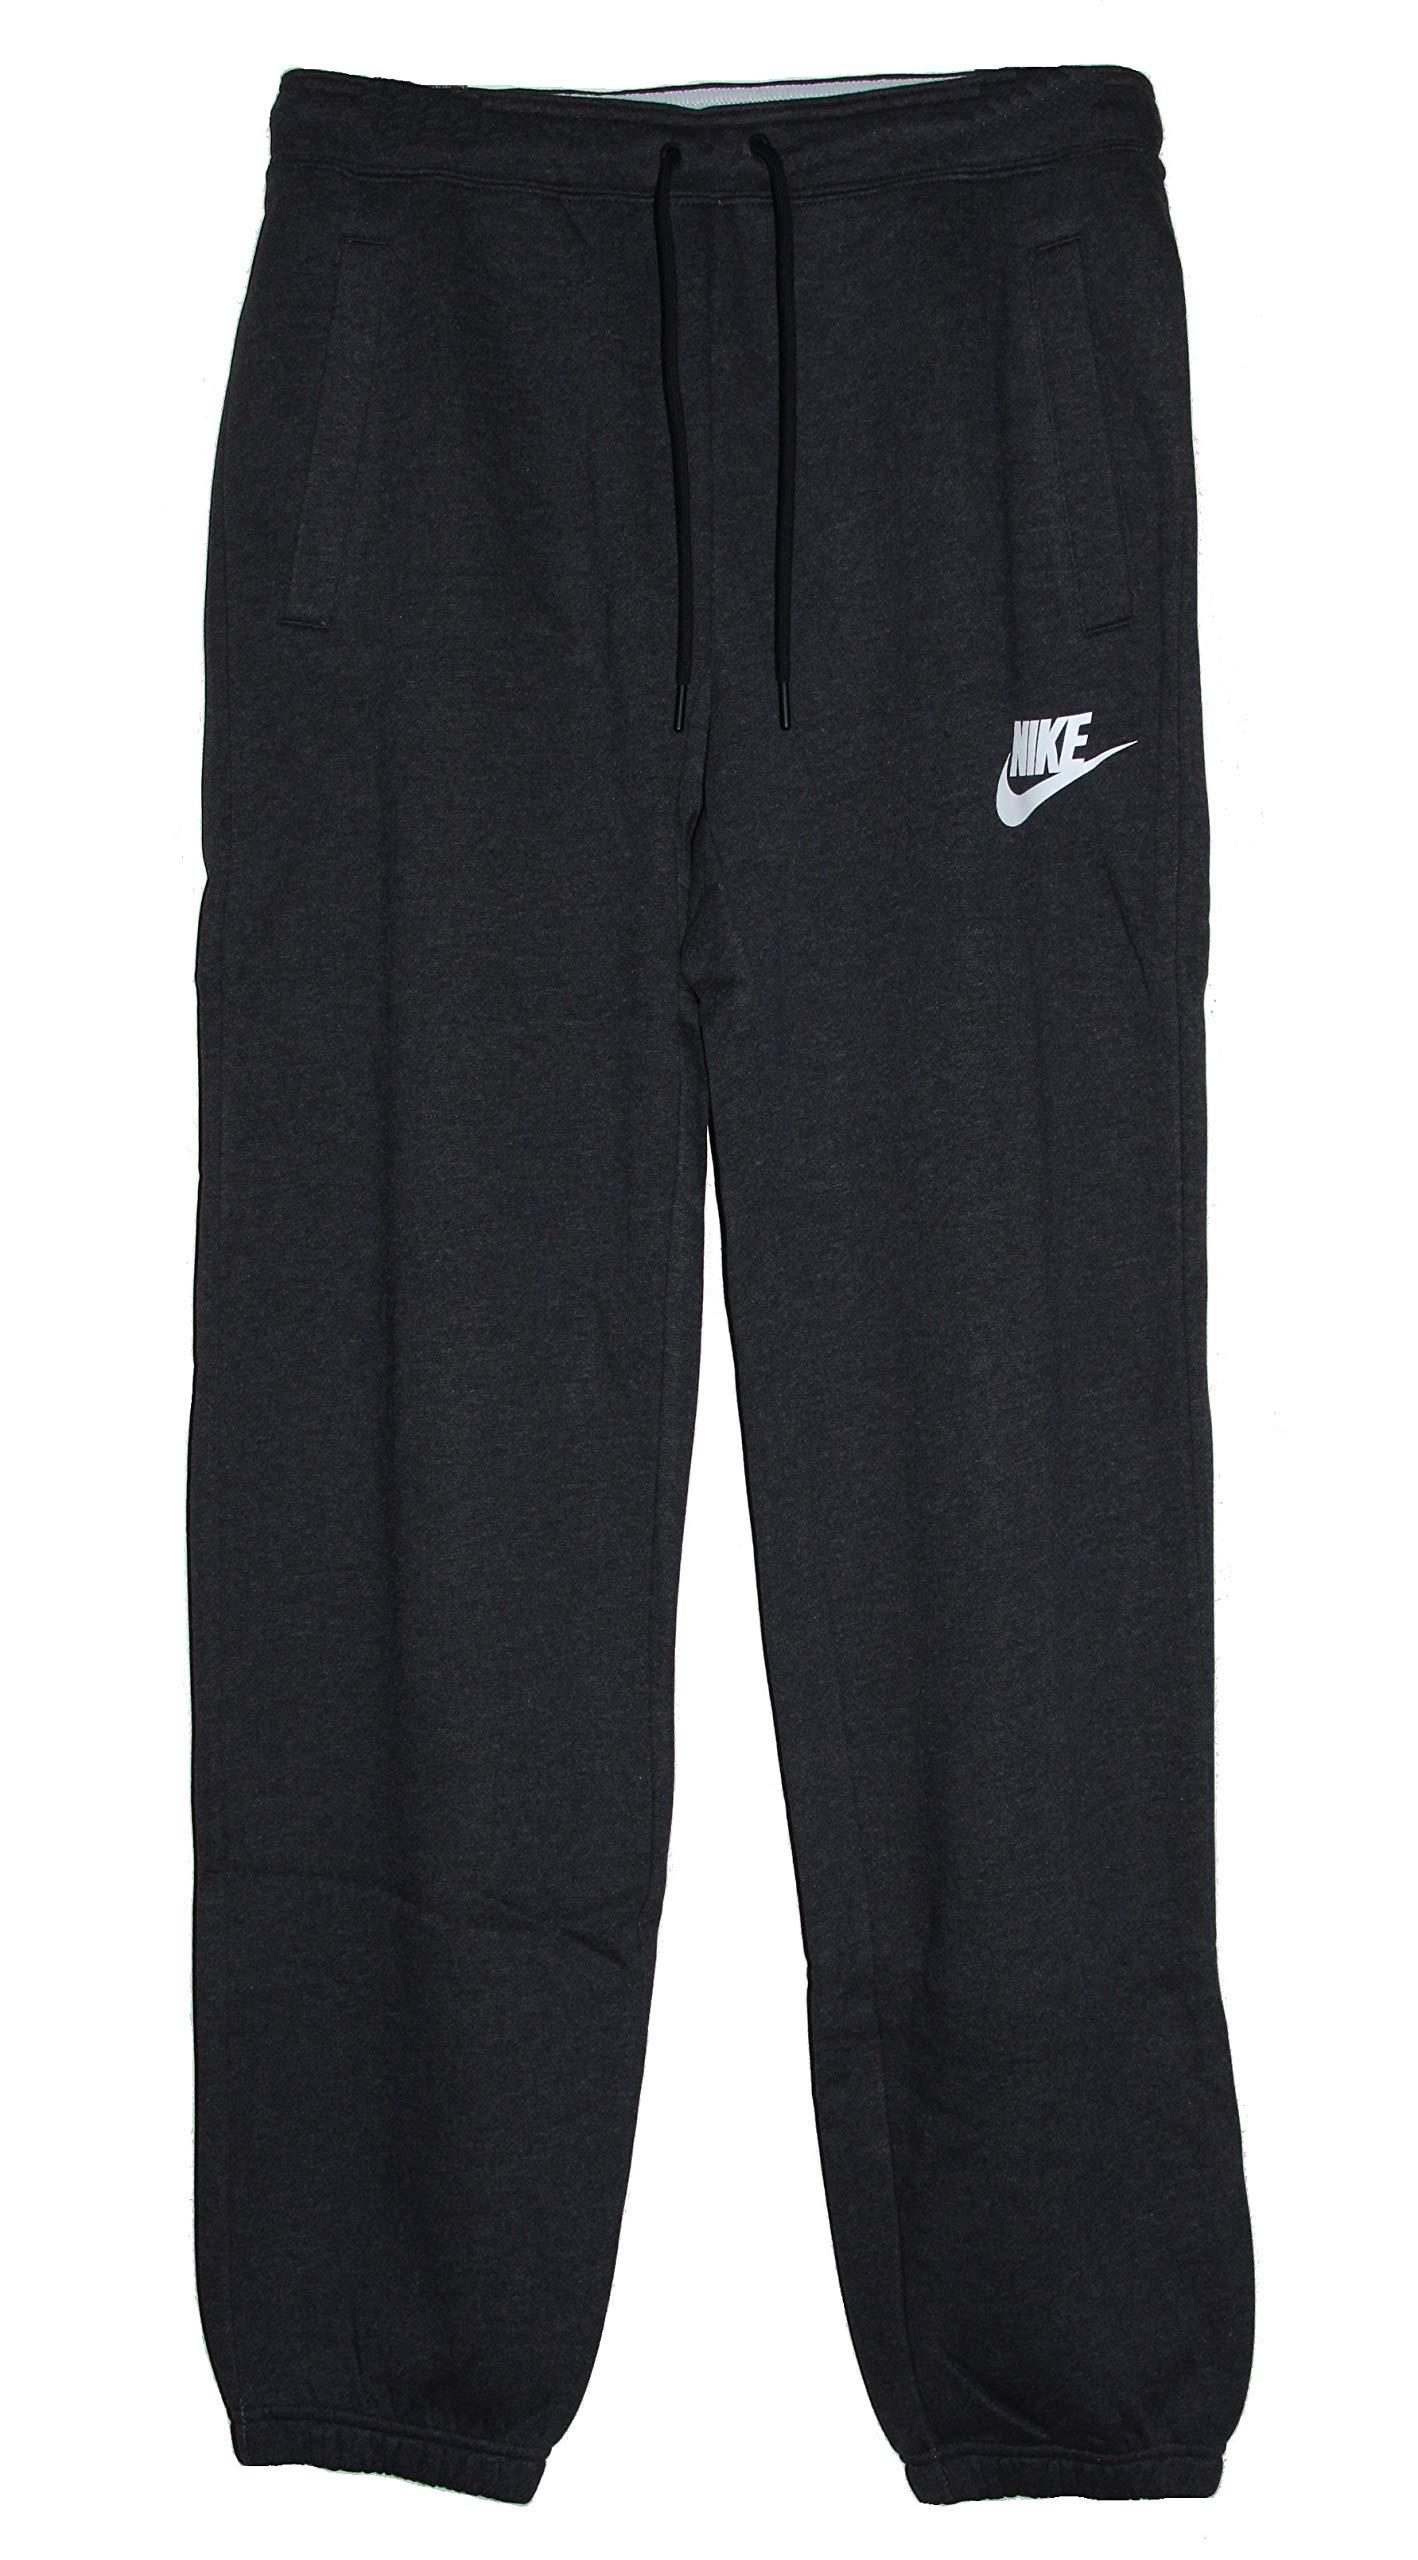 Nike Sportswear Rally Loose Women's Fleece Pants (Black Heather/White, Small)